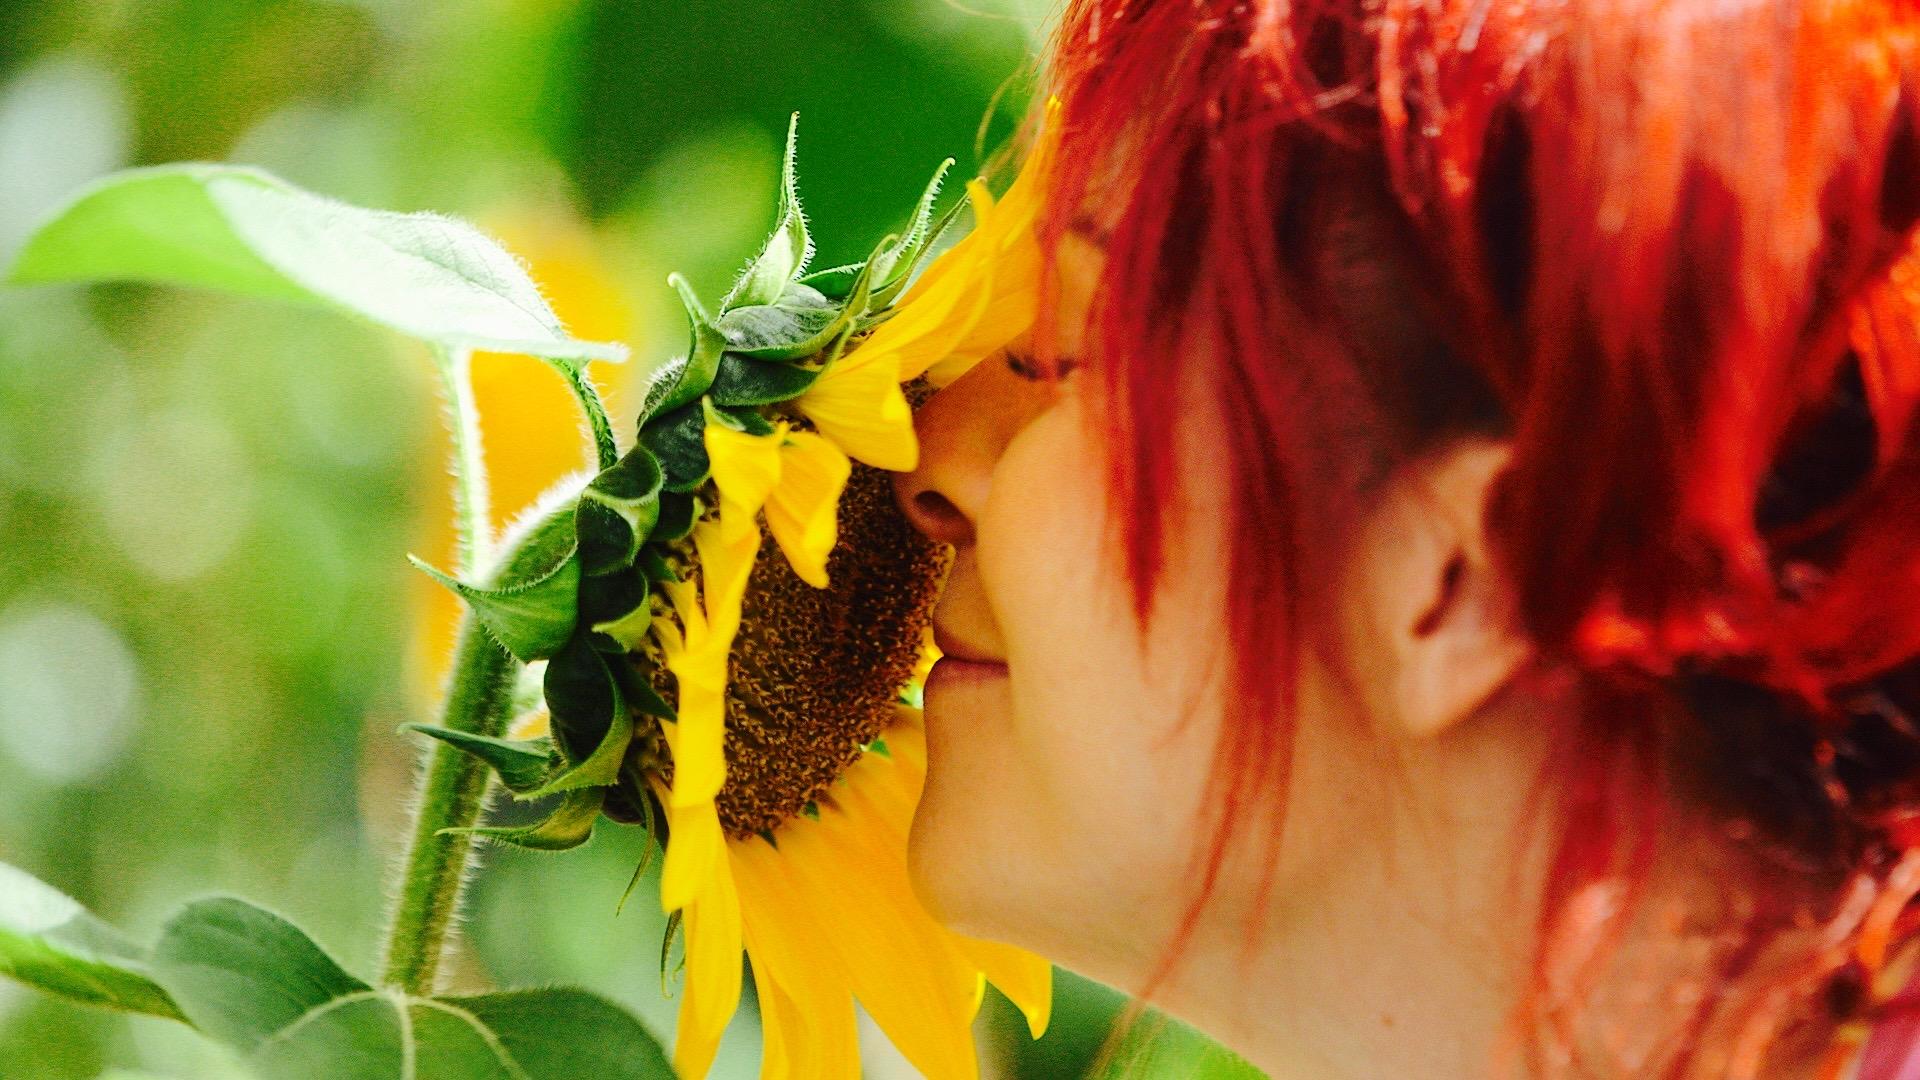 dirtgirl sniffs a sunflower.jpg